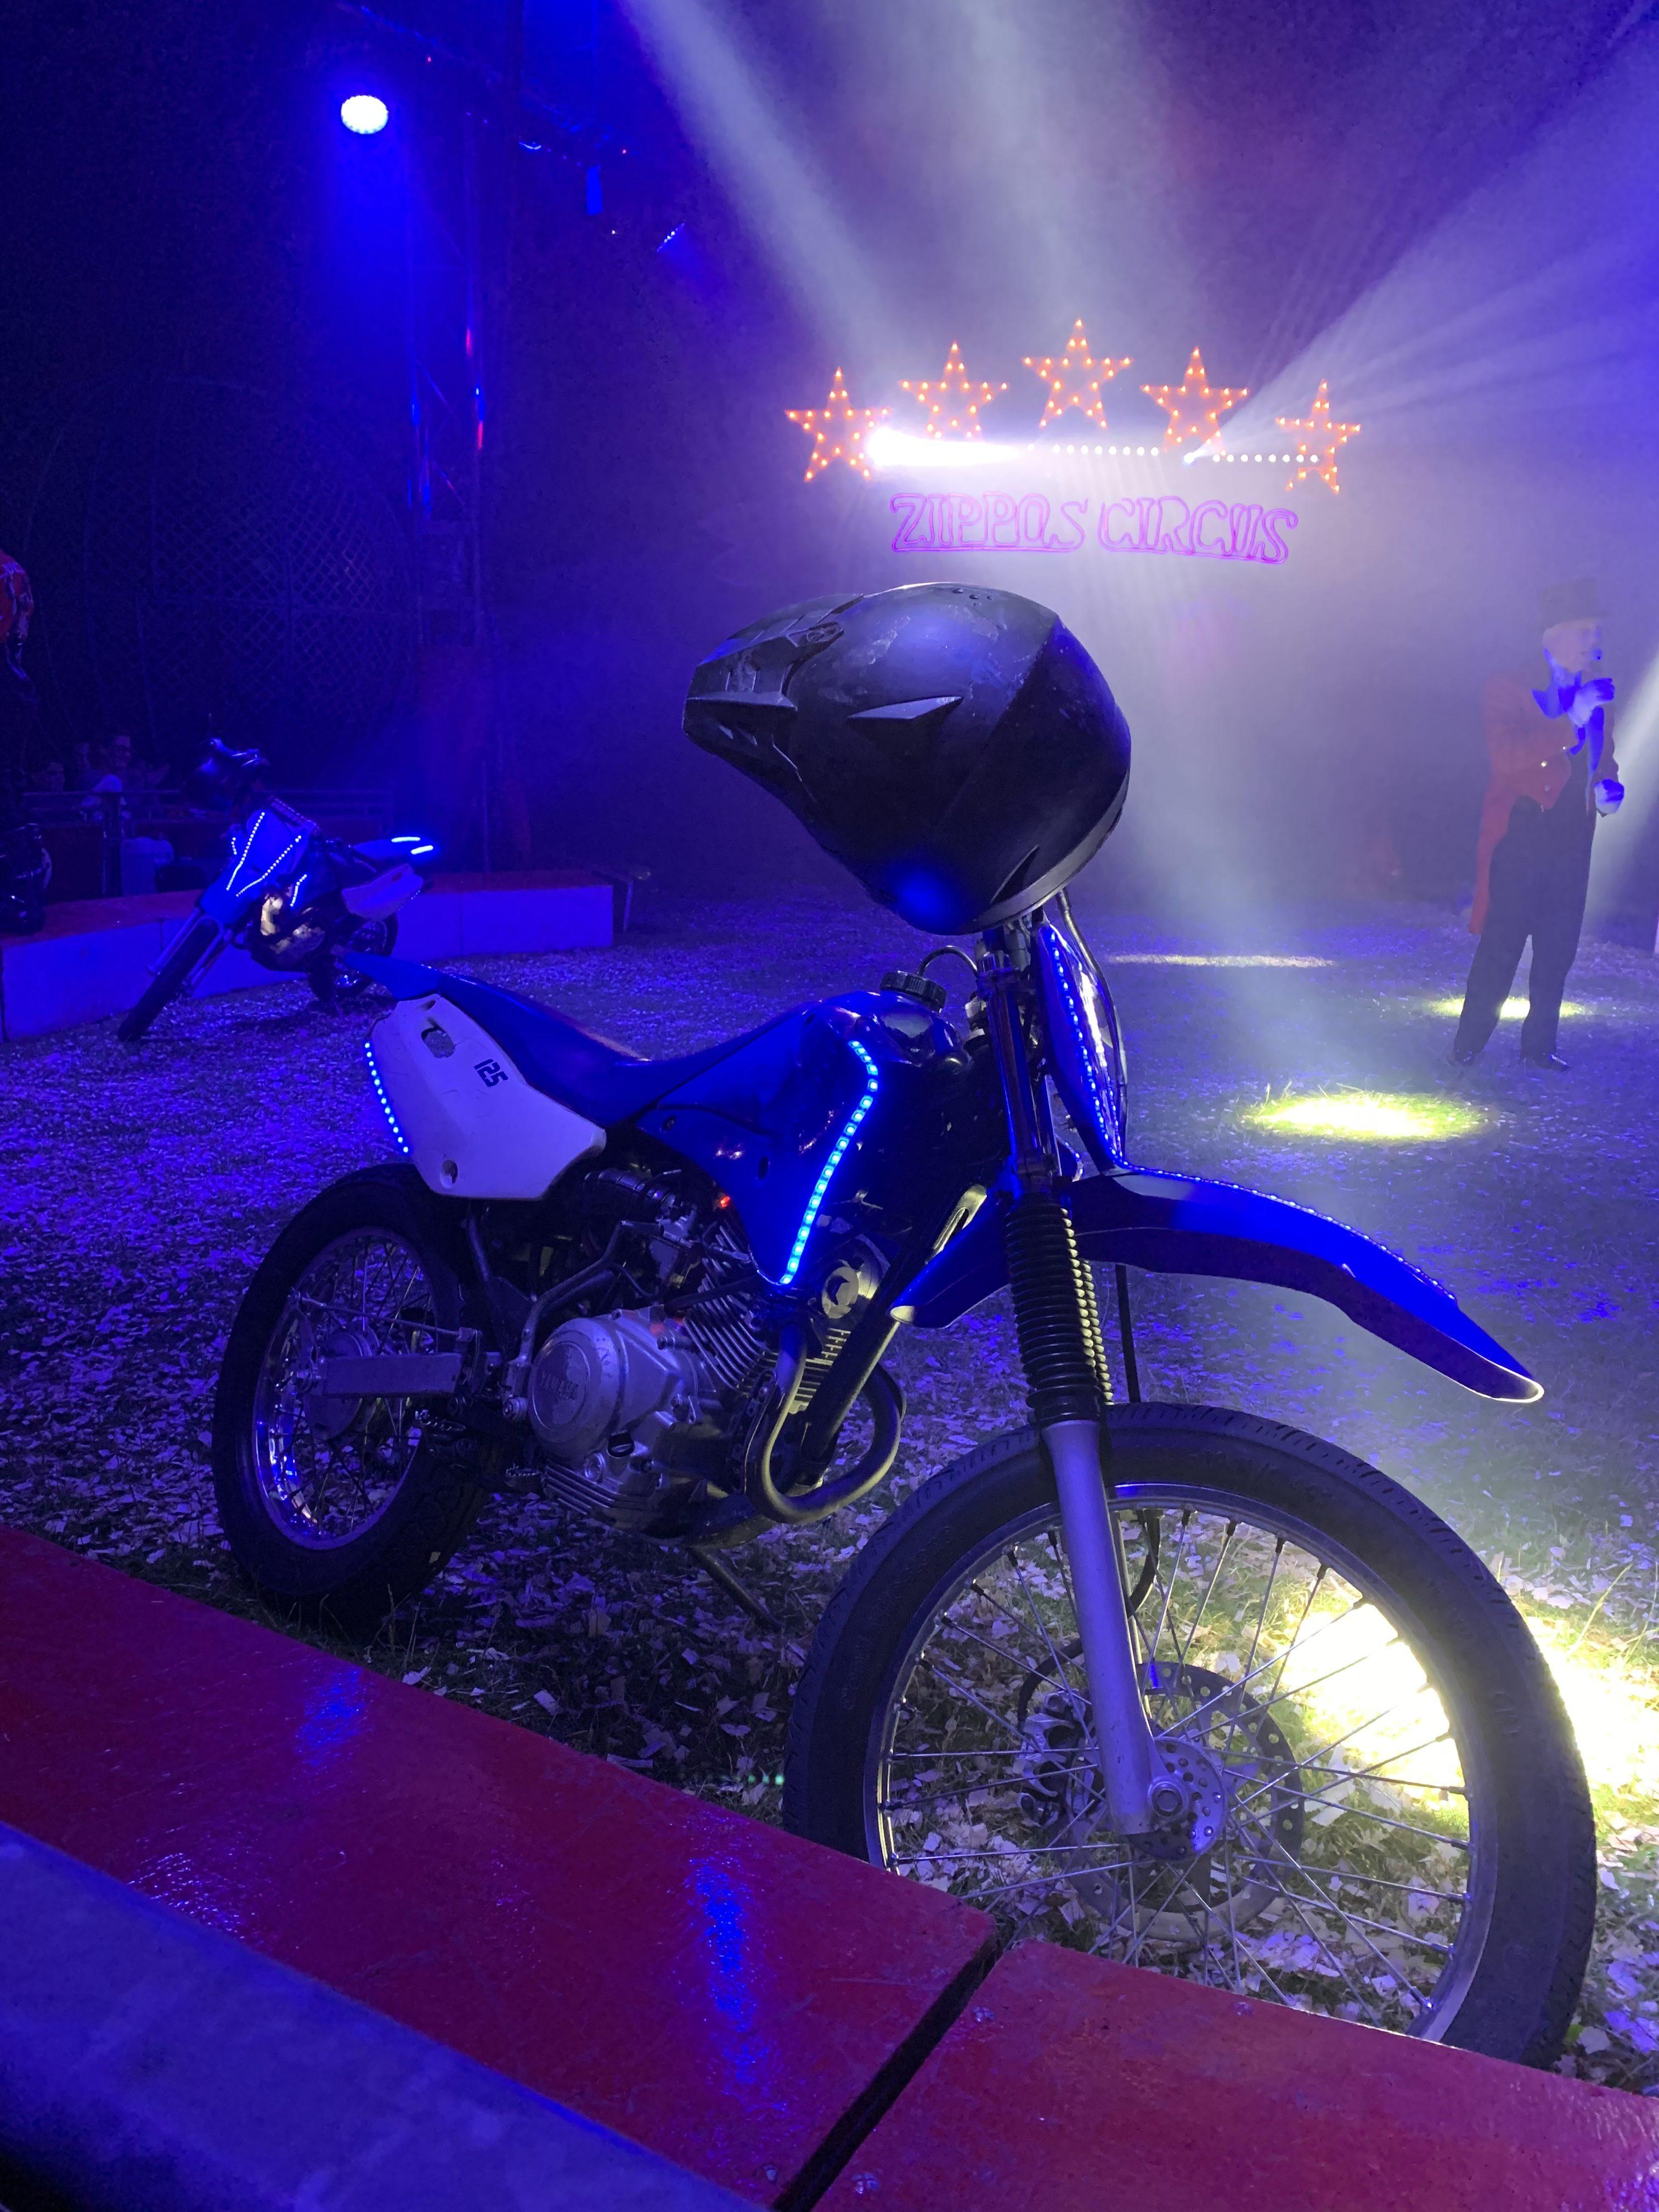 zippos circus motorbikes